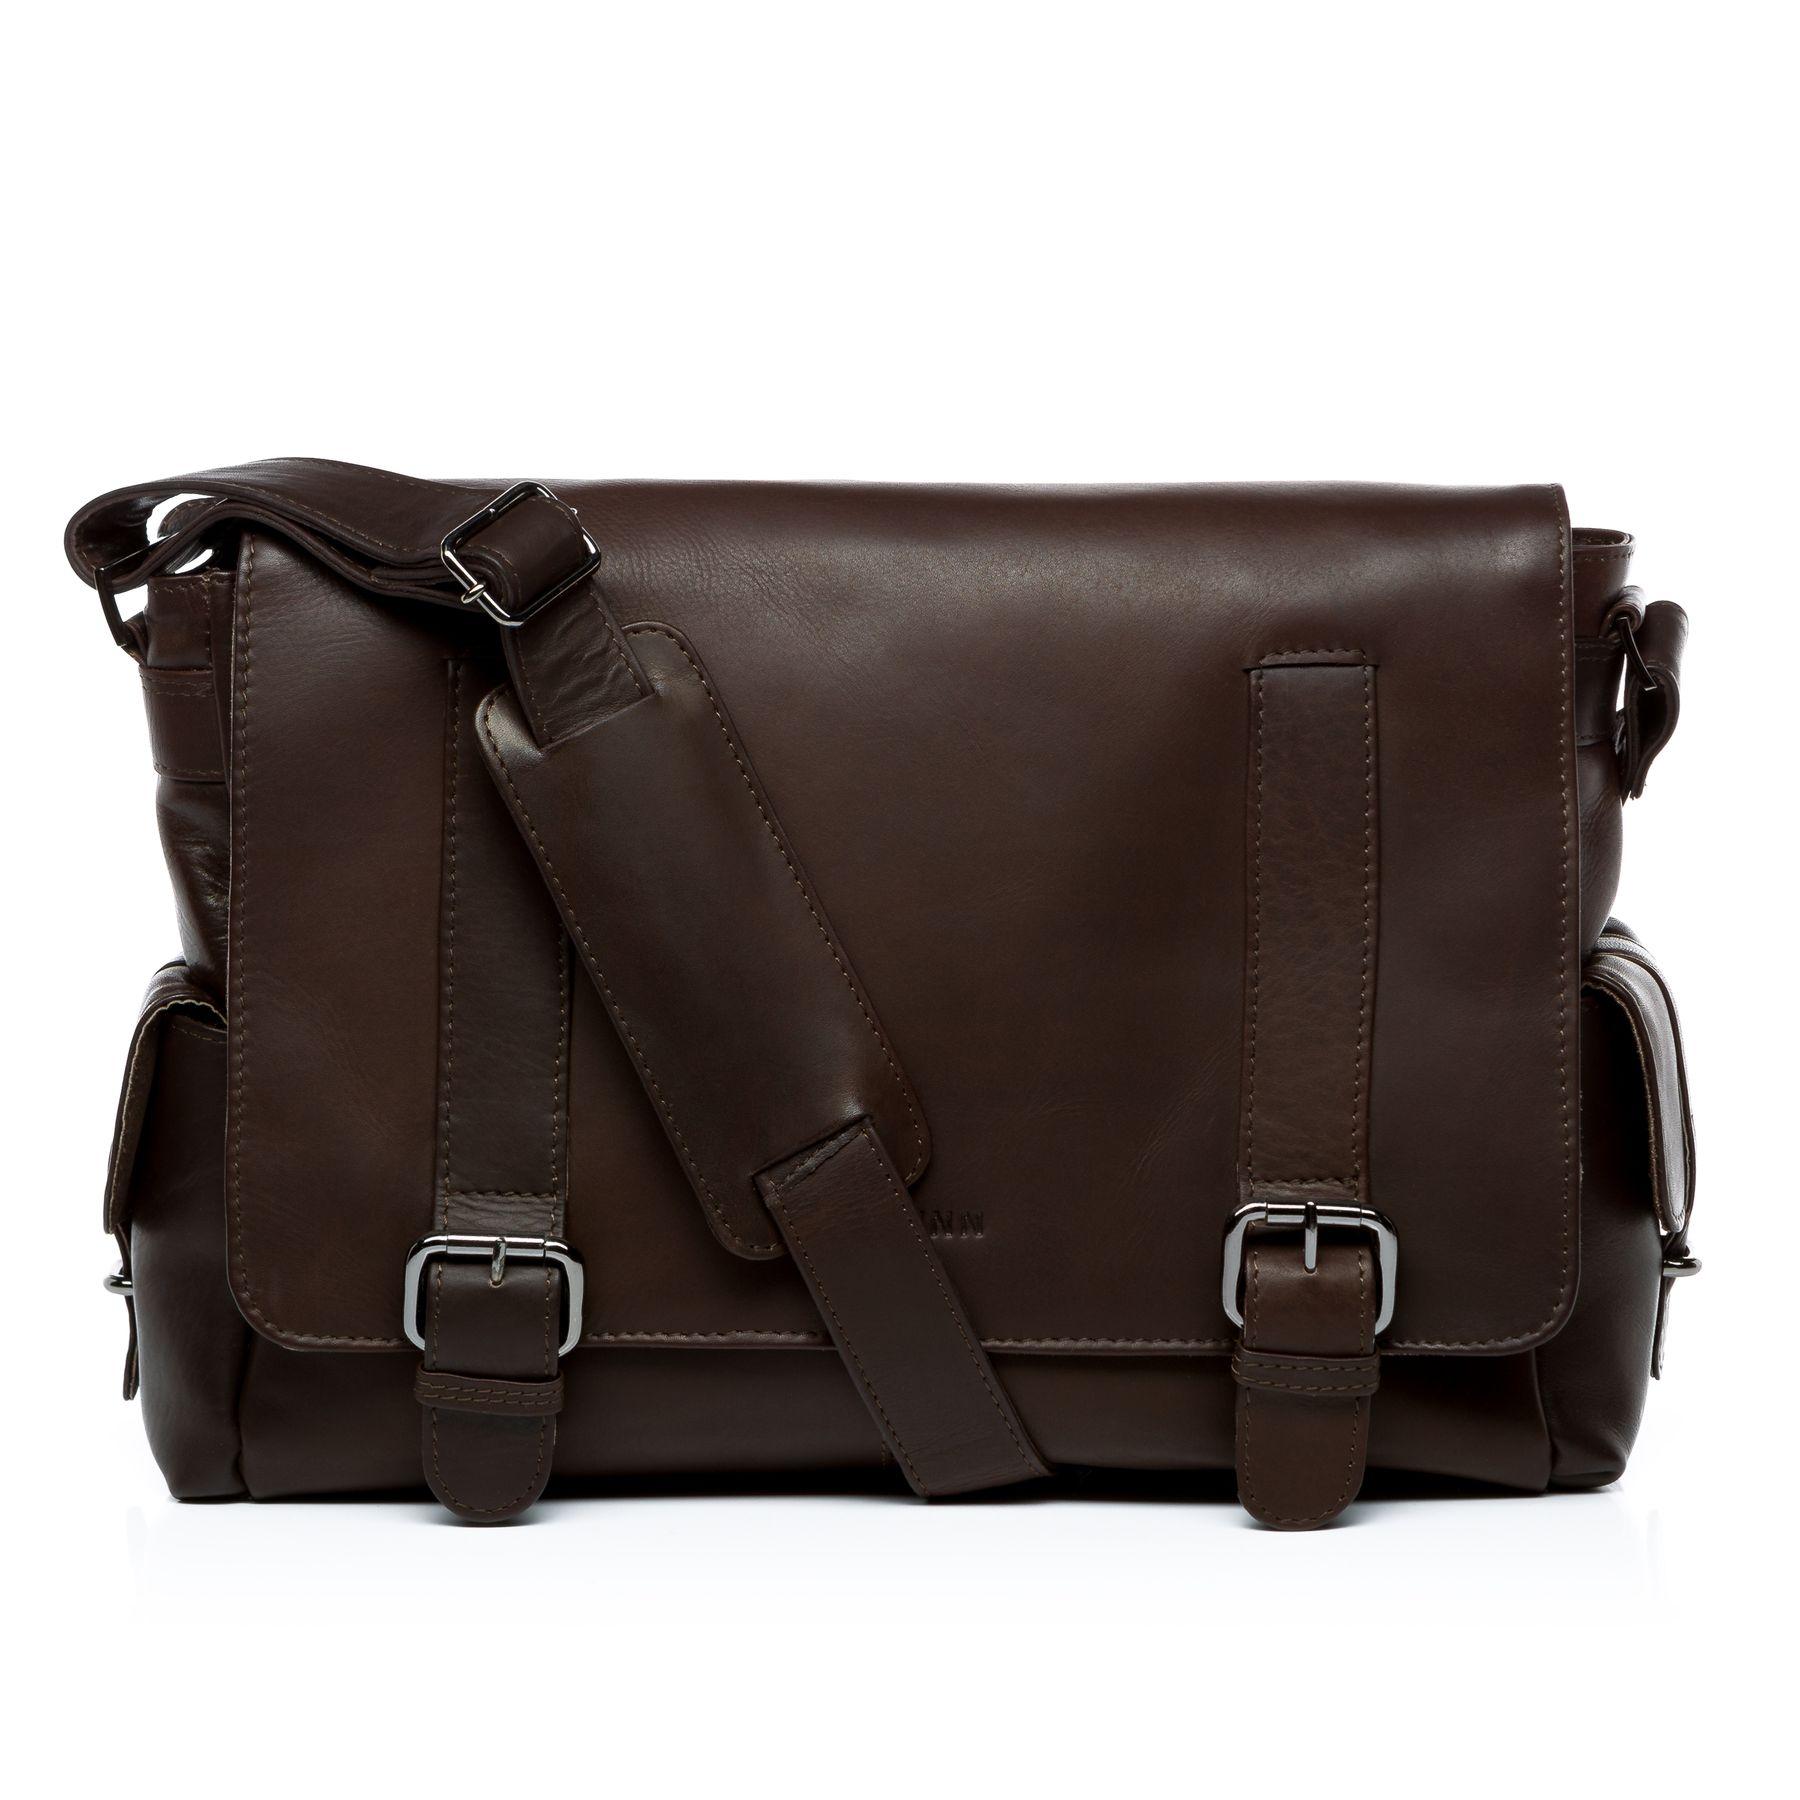 9eddb12bcd5 FEYNSINN shoulder bag ASHTON - M - brown courier cross-body bag - premium  handmade genuine leather messenger bag men Business